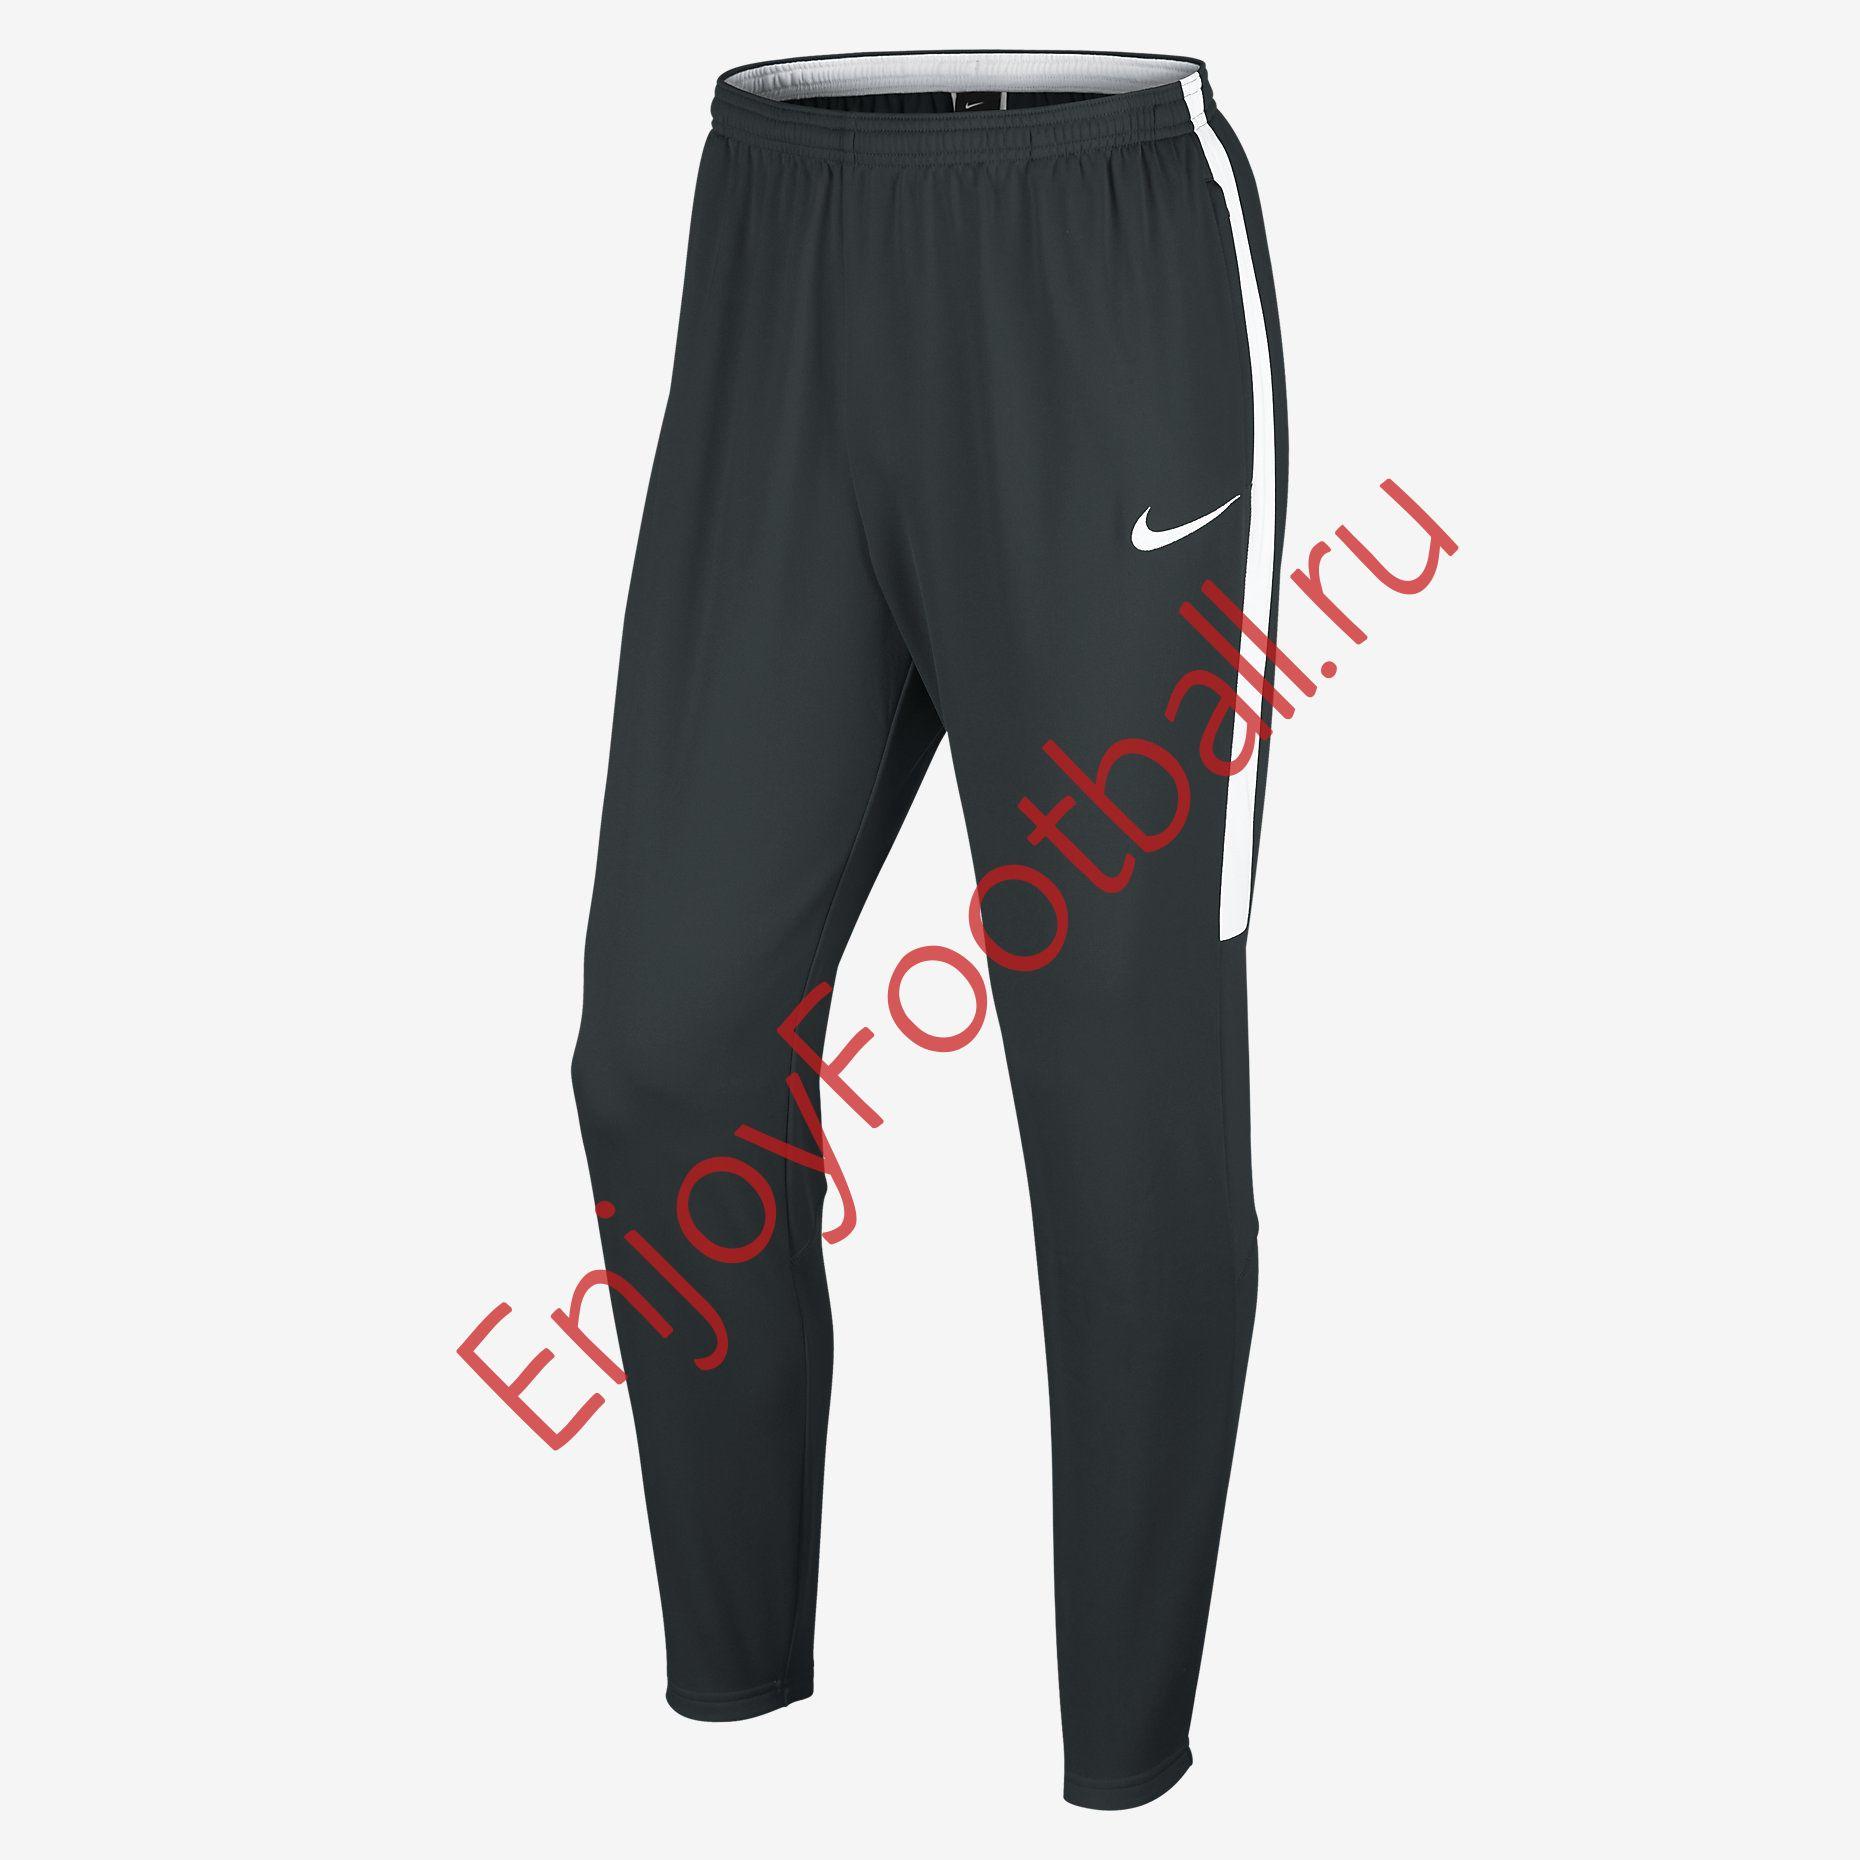 b39a228e Мужские спортивные штаны NIKE DRY ACDMY KPZ 839363-451 SR - купить брюки  Найк в ...